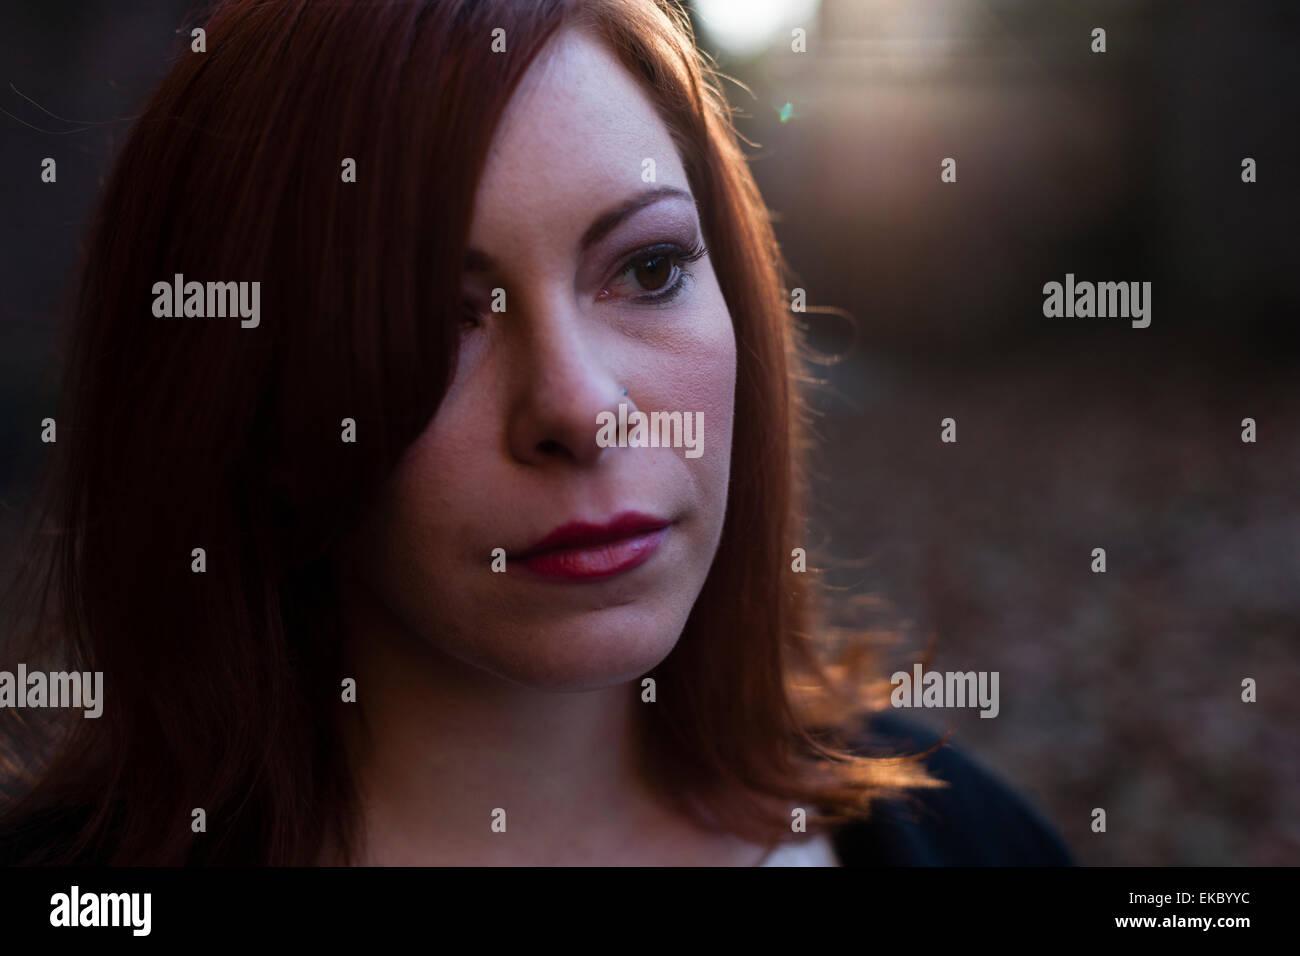 Retrato de mediados de mujer adulta, mirar hacia afuera Imagen De Stock